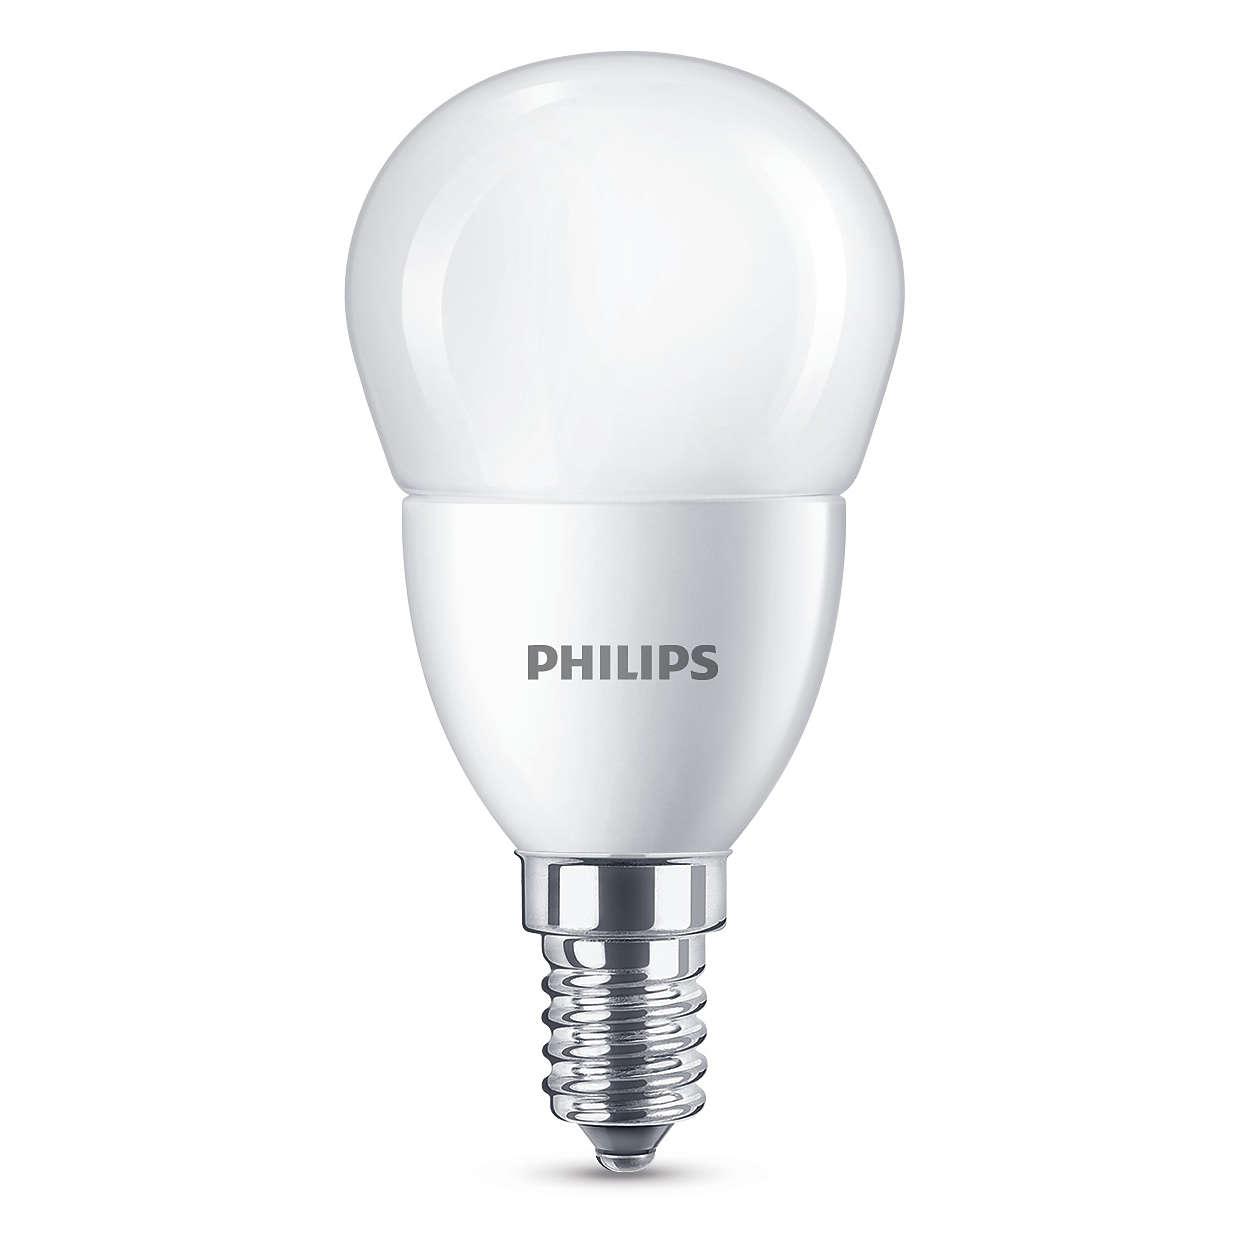 Varmt lys, ingen kompromiser, hvad angår lyskvalitet